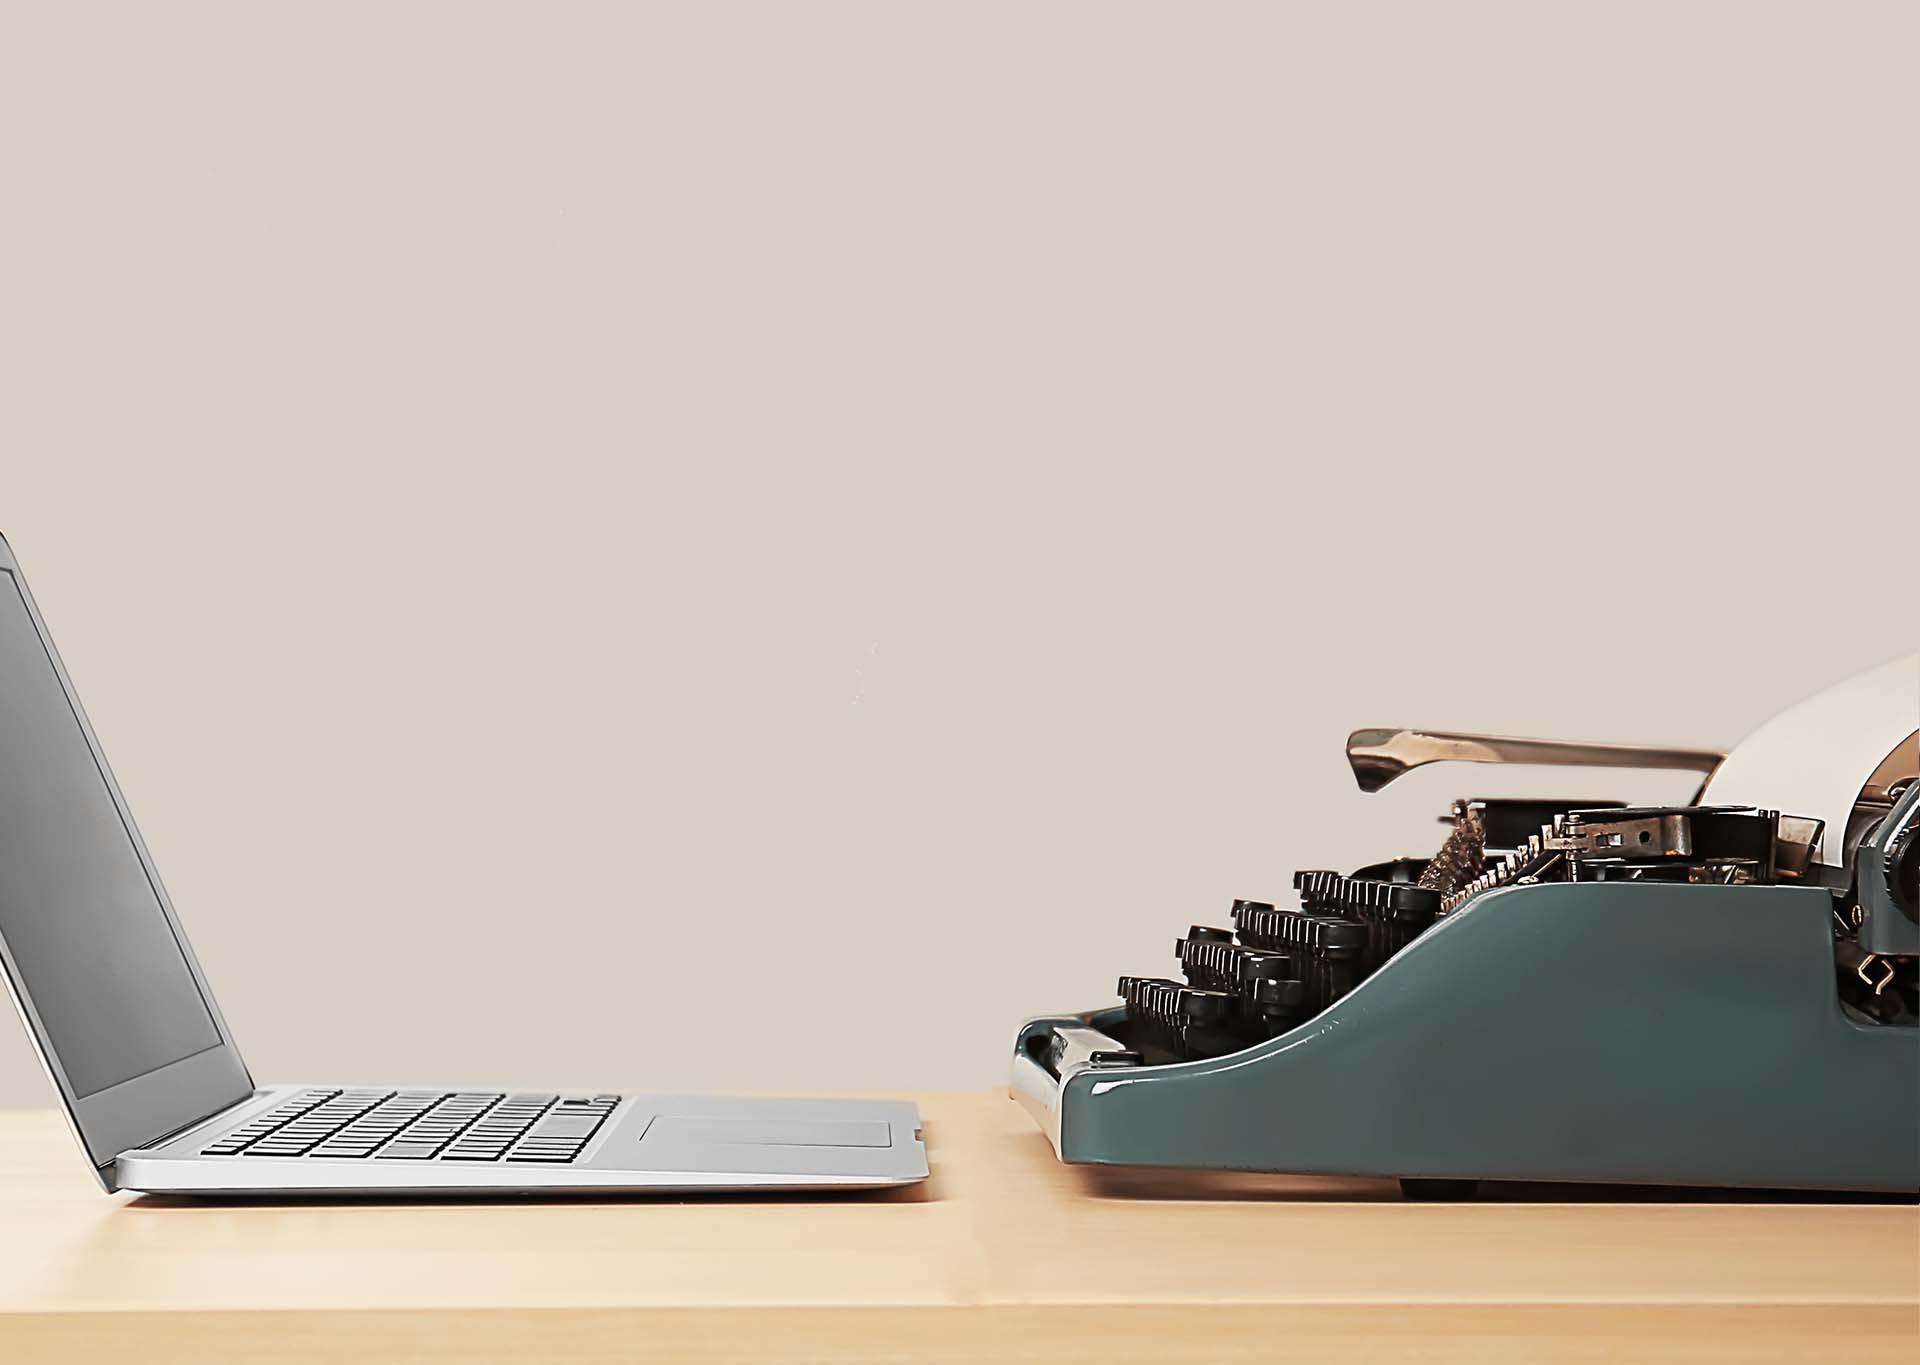 ThinkFuel__0003_Change - laptop and typewriter copy